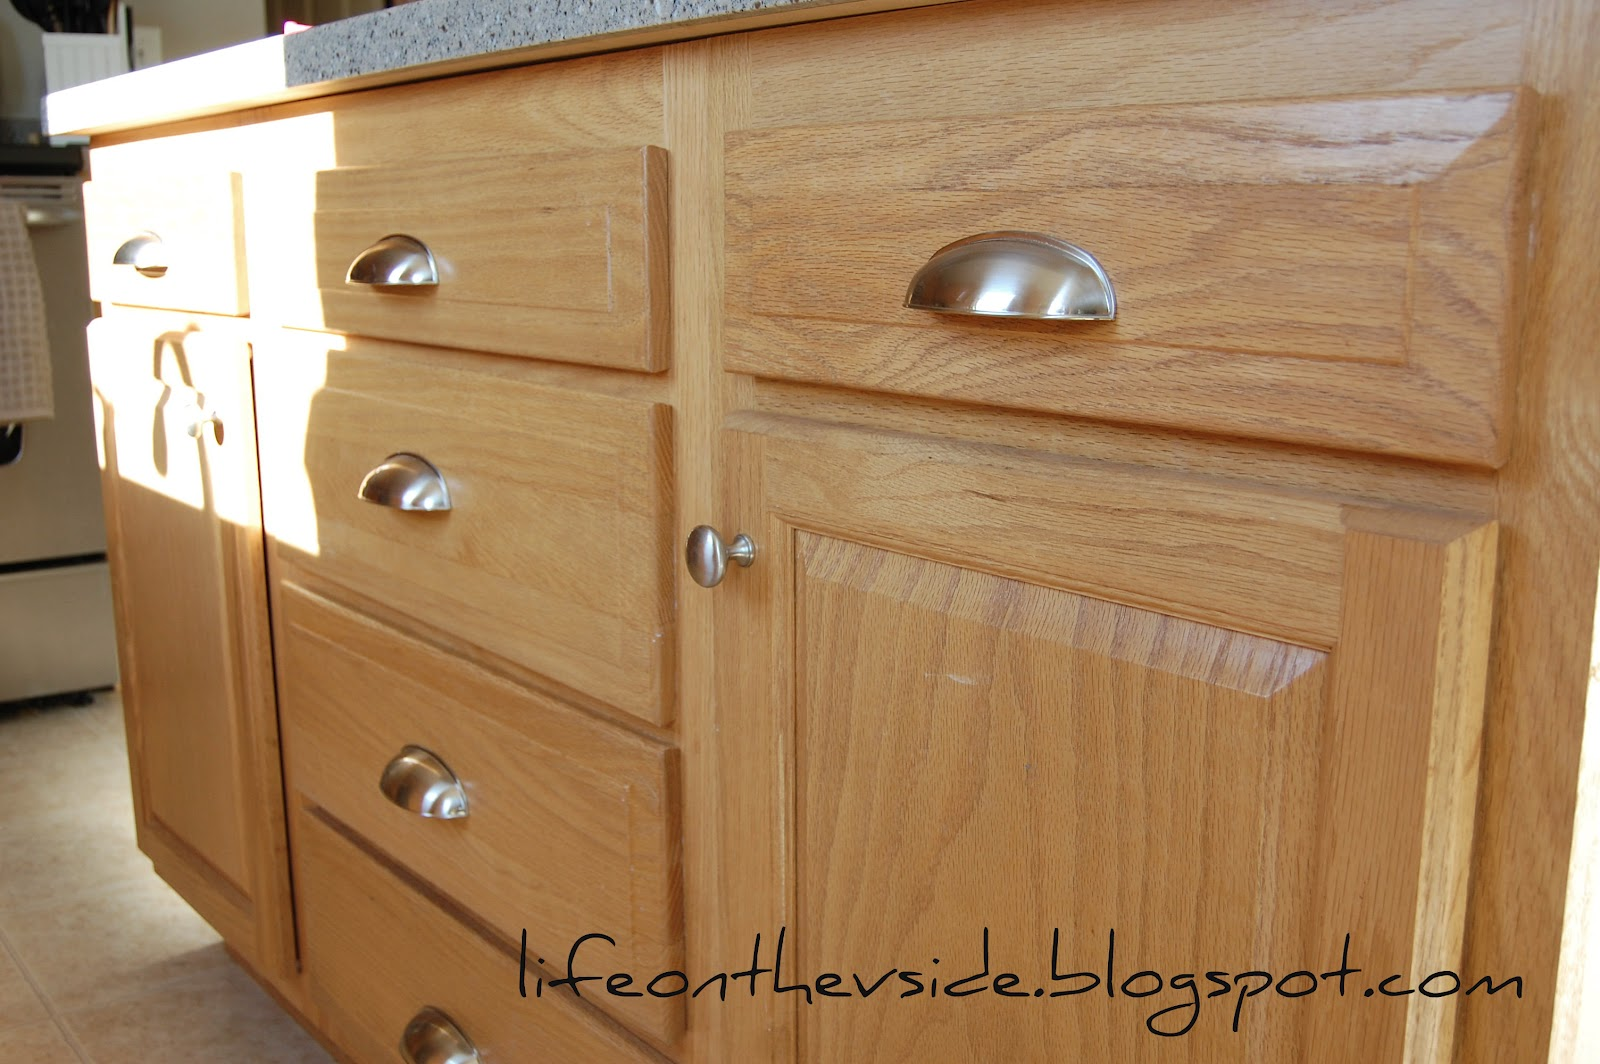 cupboard door knobs and handles photo - 17